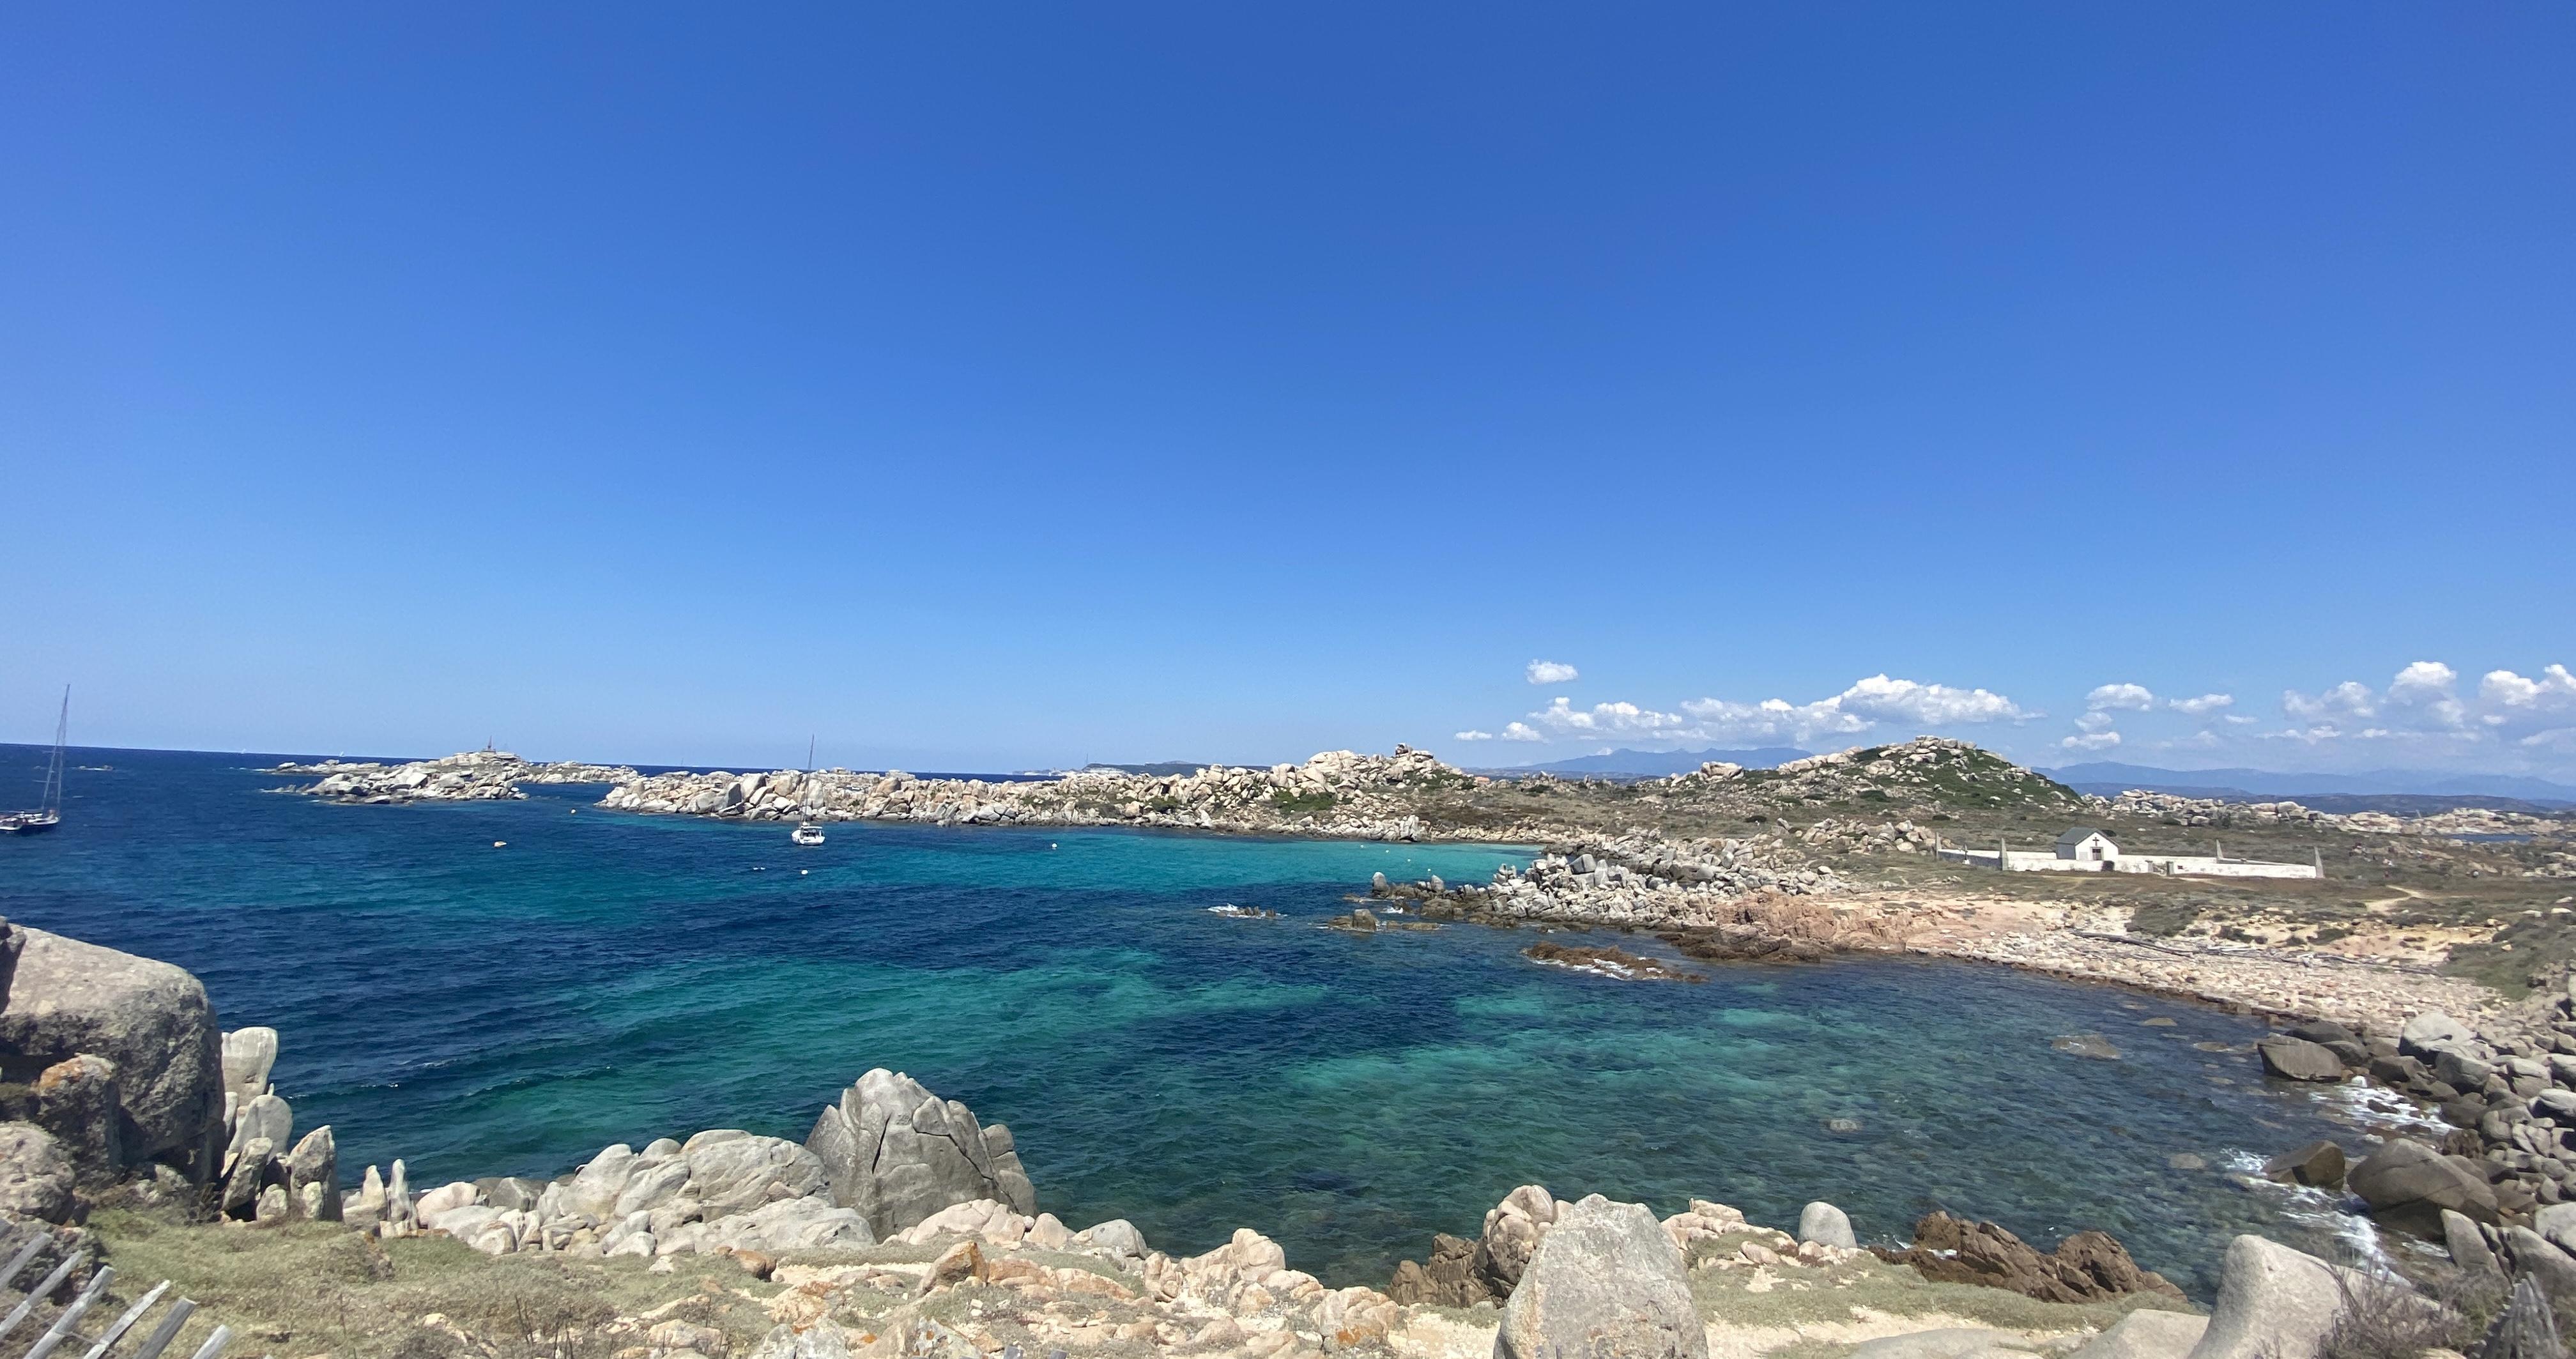 Les îles Lavezzi, joyau difficilement sauvegardé de la Corse